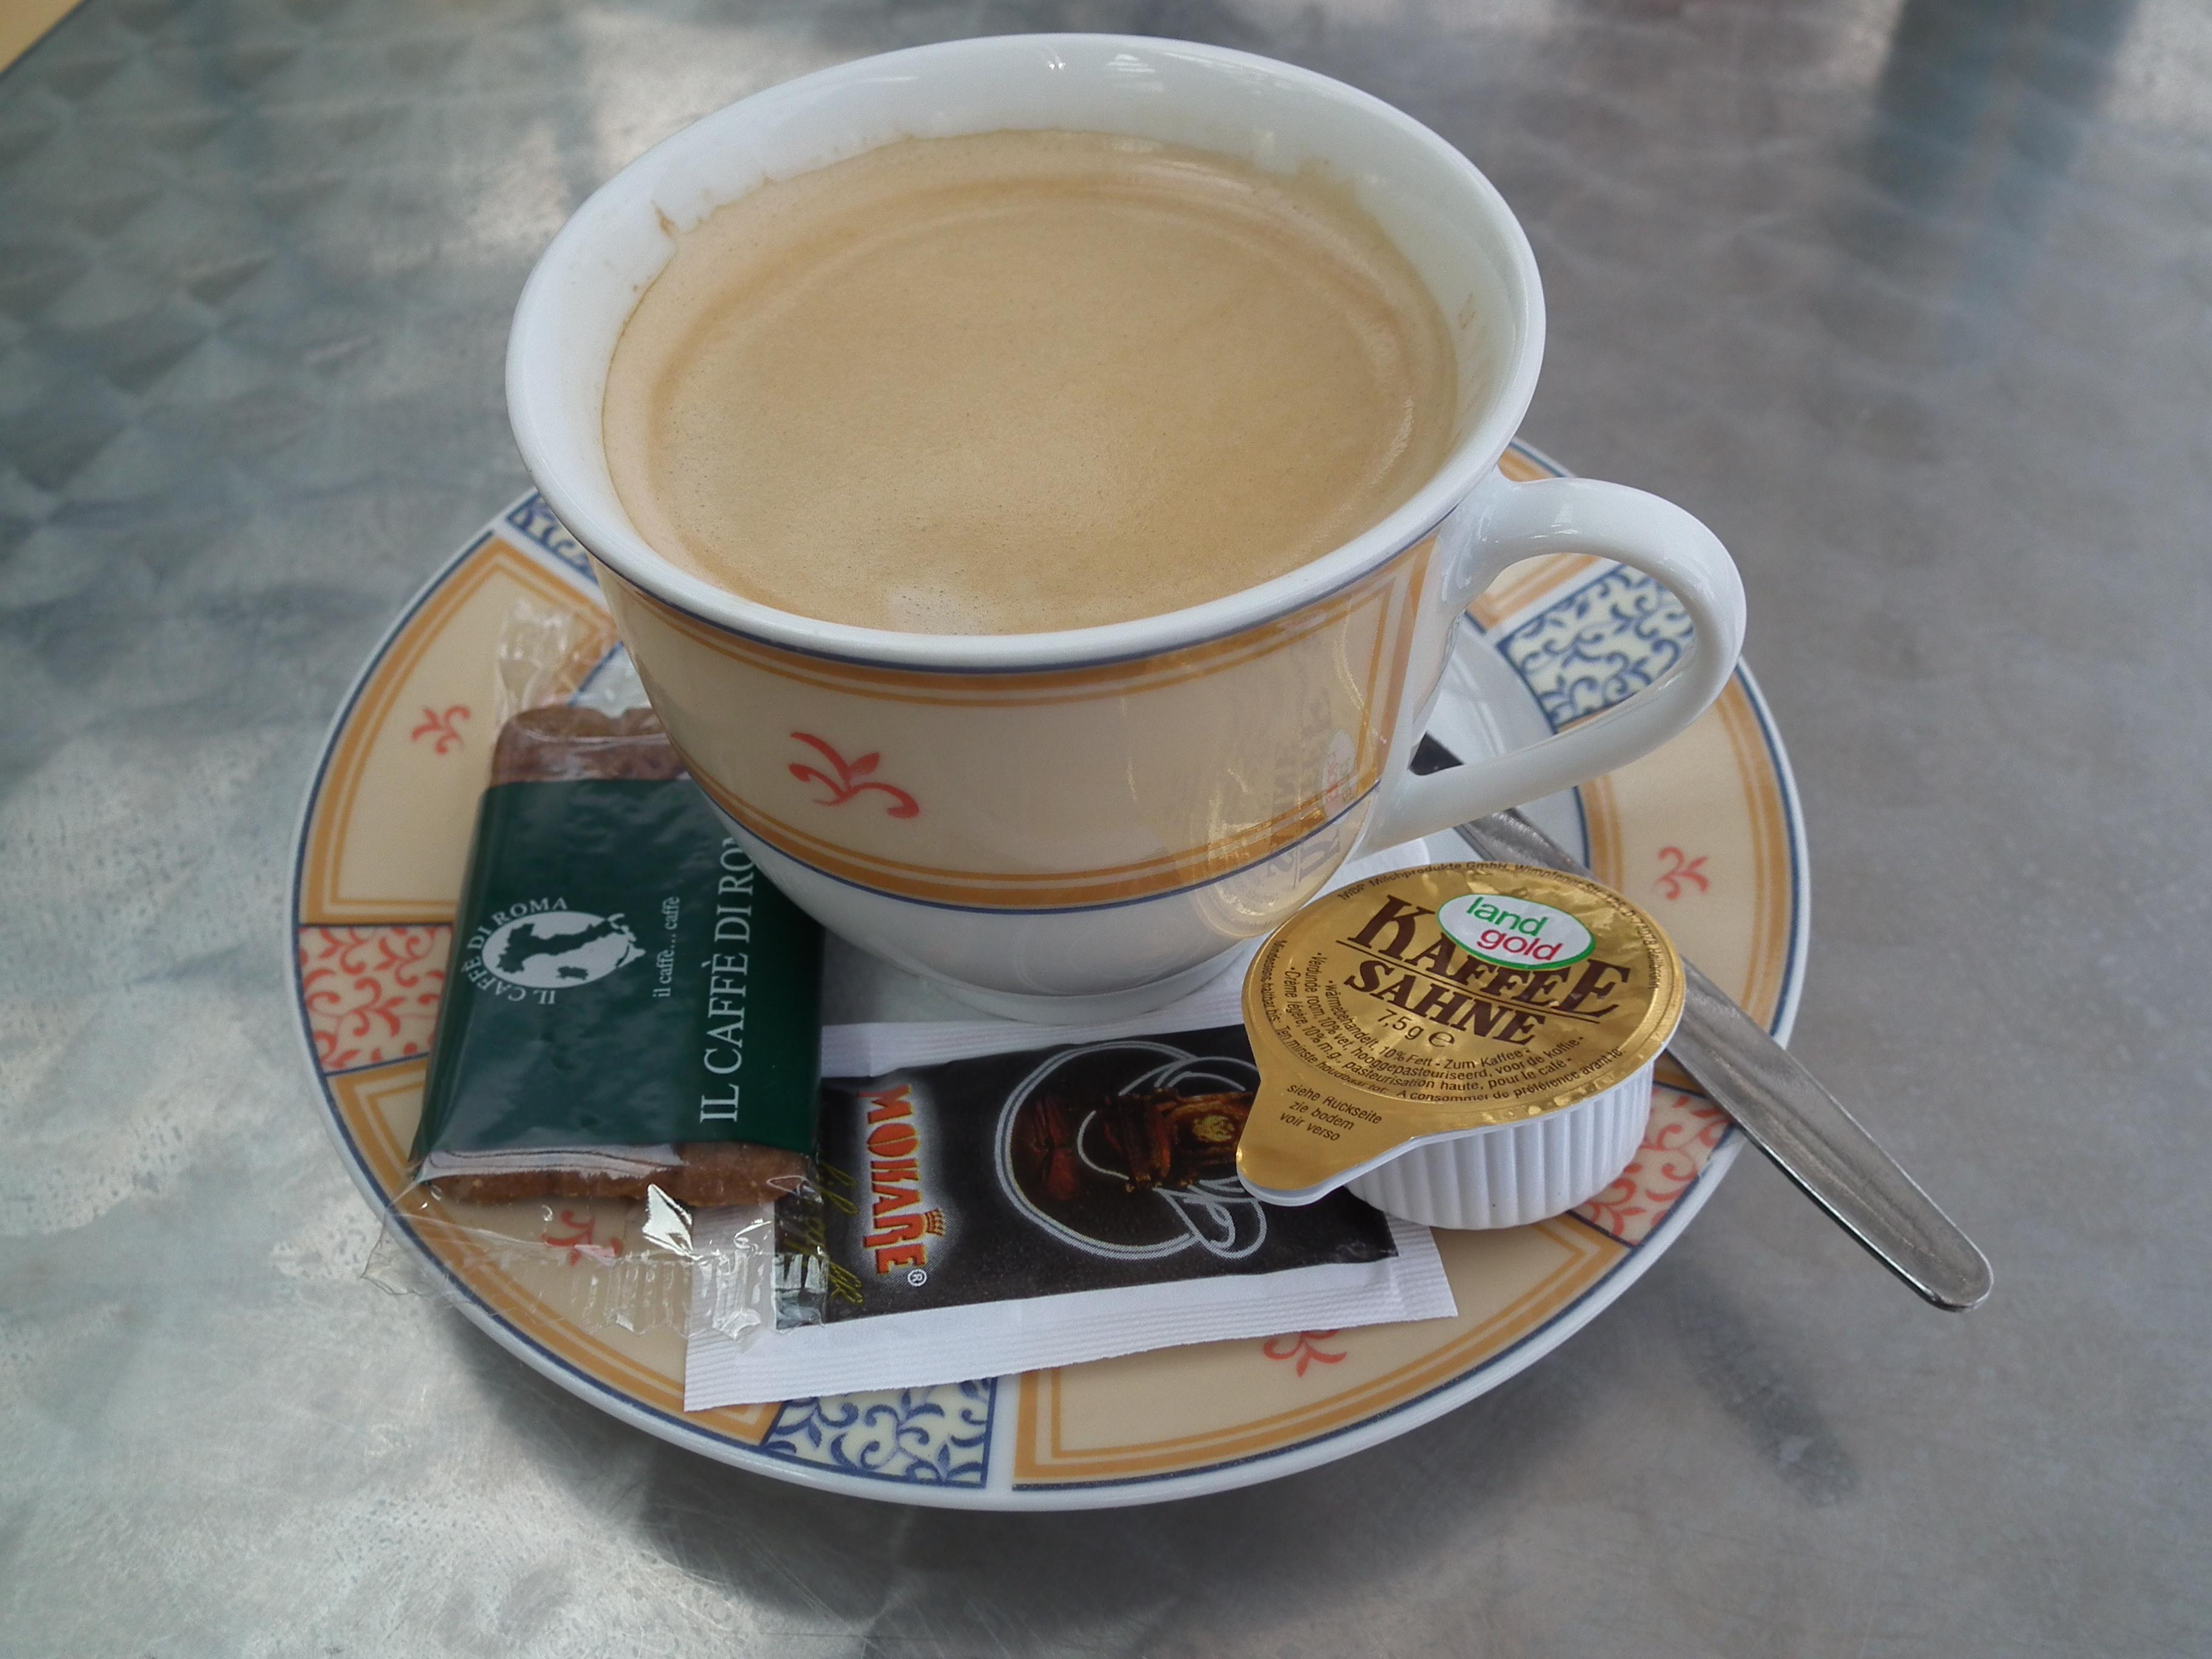 datei tasse kaffee mit milch zucker und geb ck jpg wikipedia. Black Bedroom Furniture Sets. Home Design Ideas